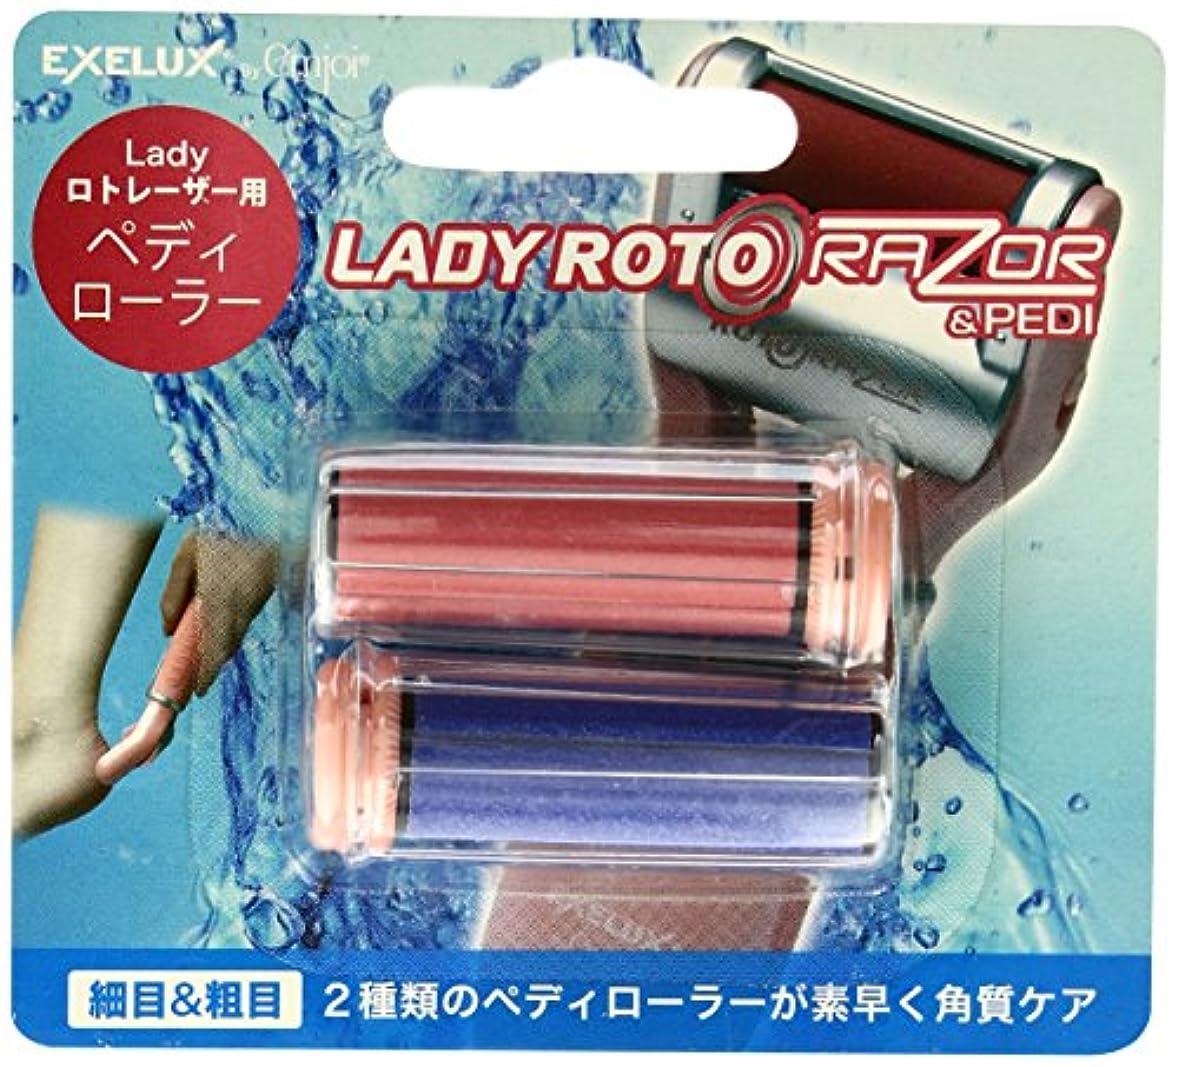 意志ロック不名誉metex Lady ロトレーザー & Pedi用ペディローラー EJRR-LP2